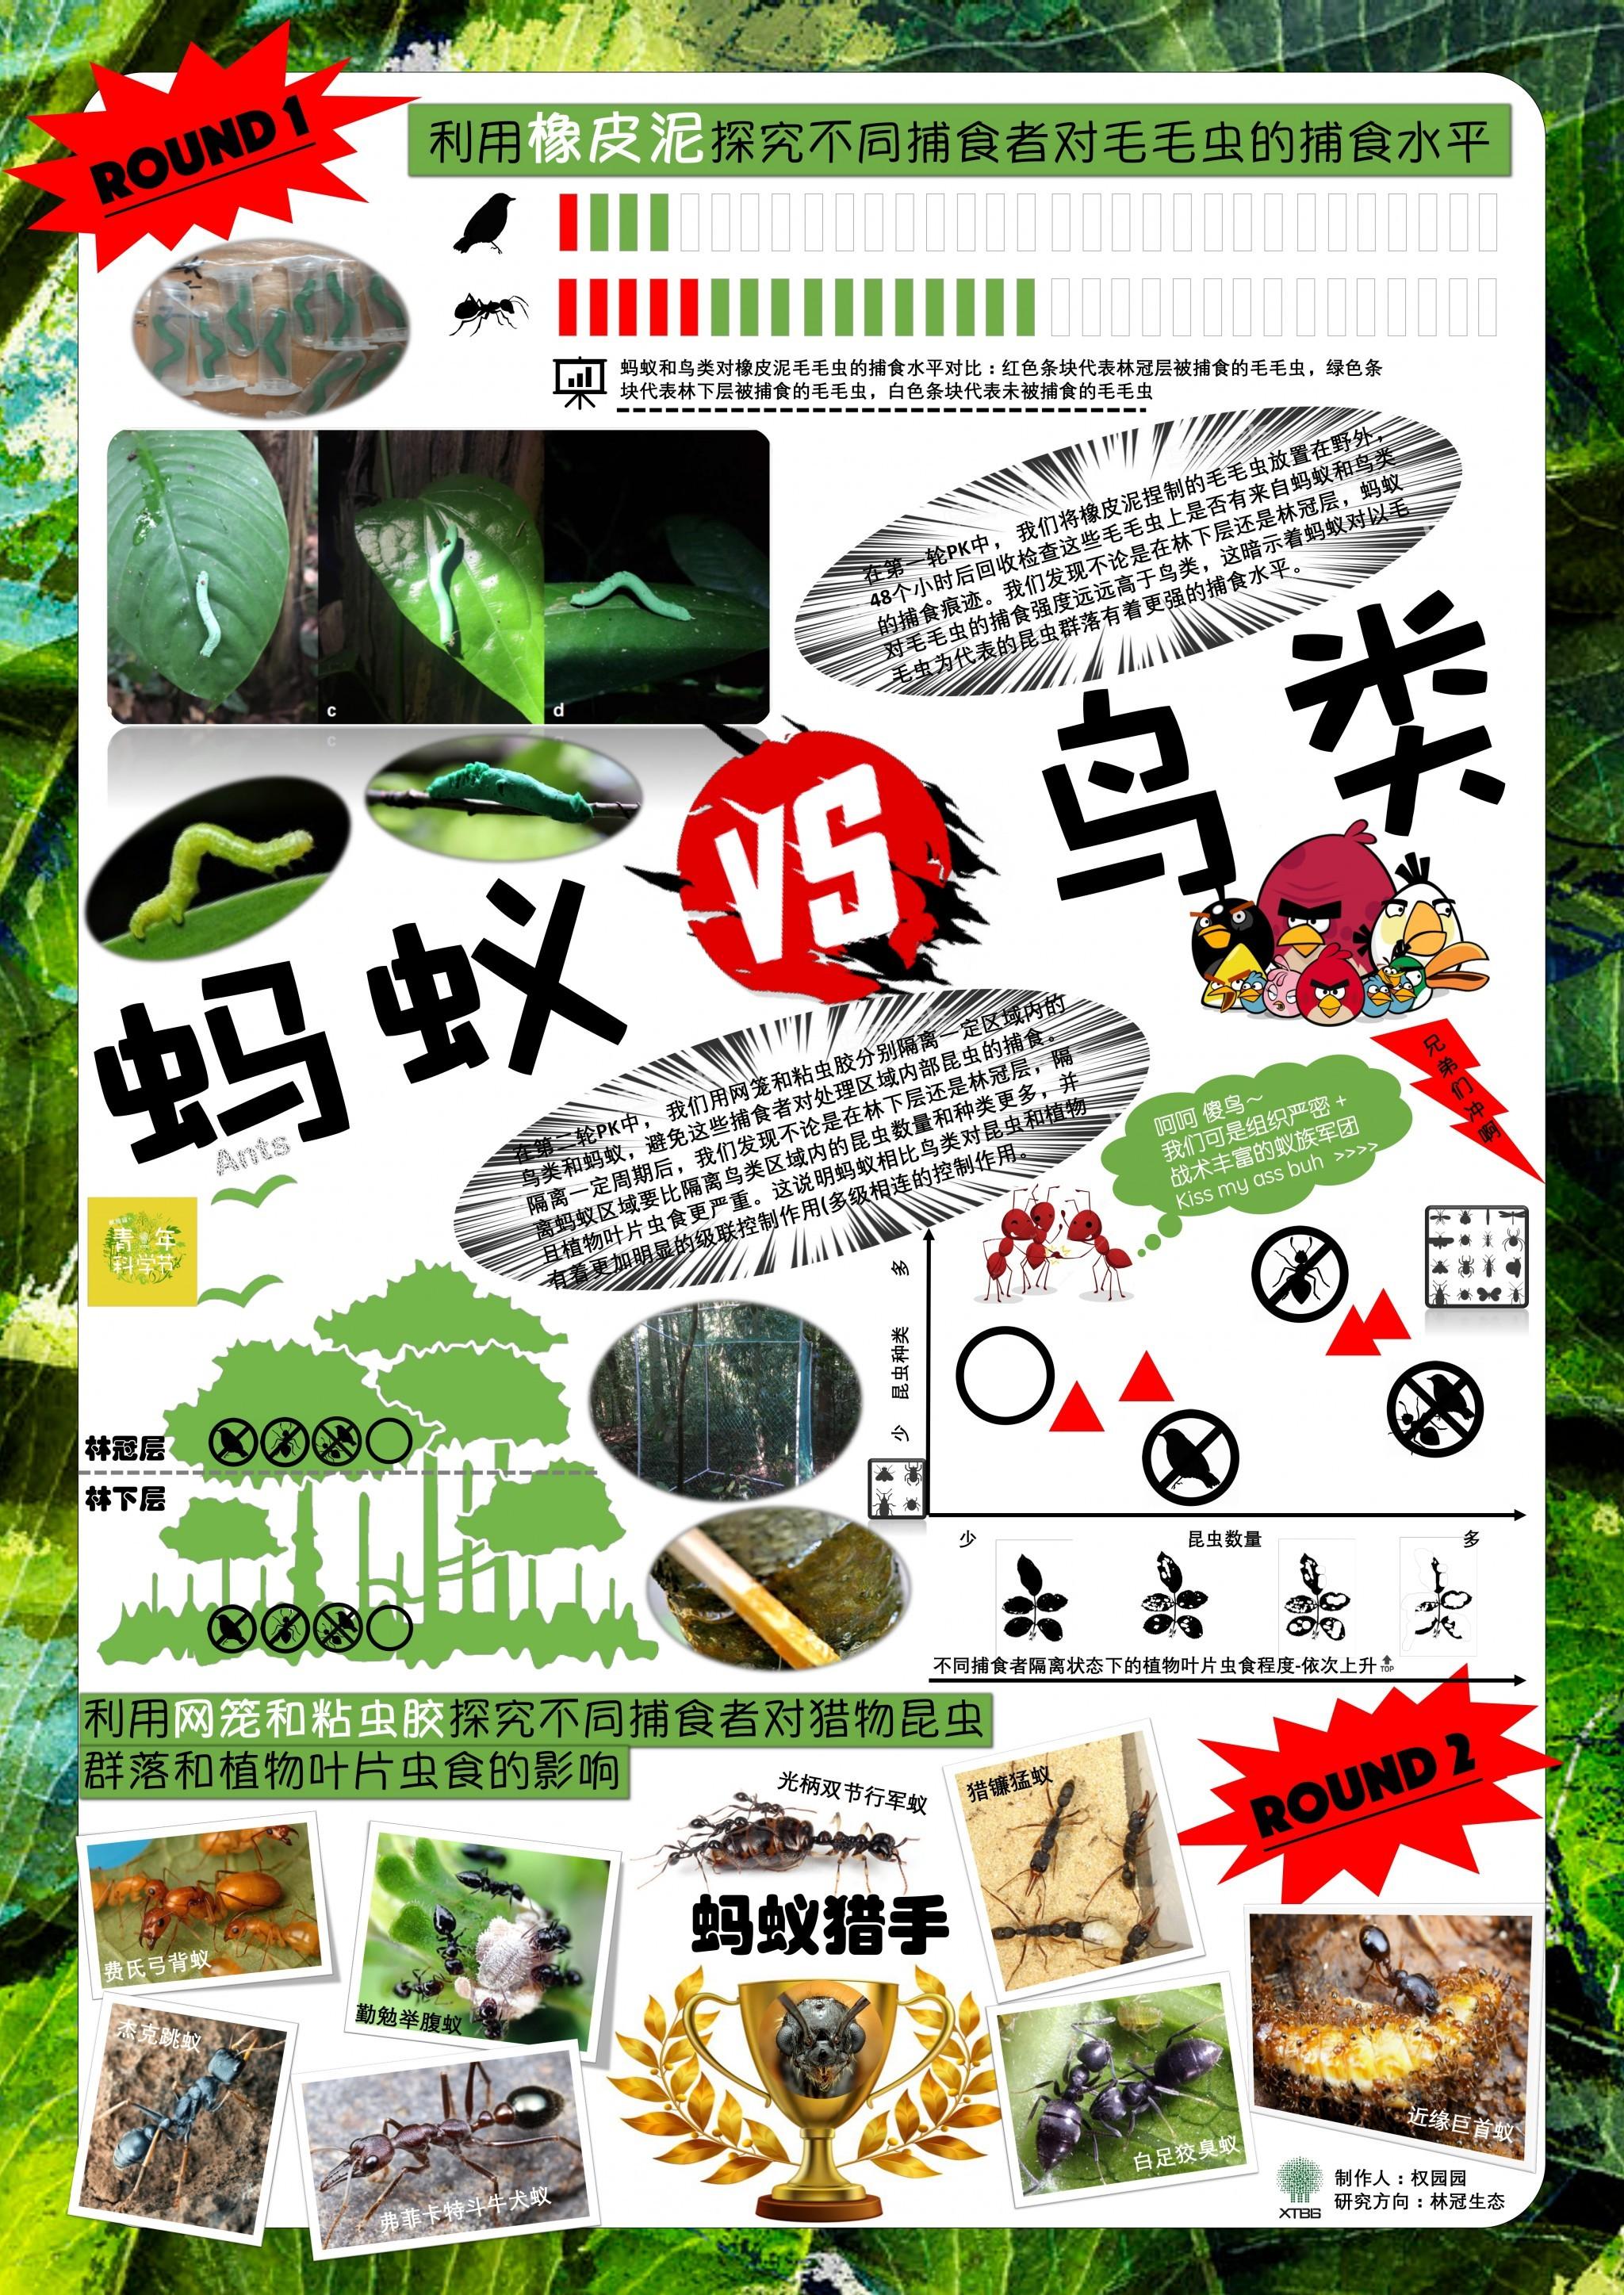 蚂蚁vs鸟类(作者:权园园)